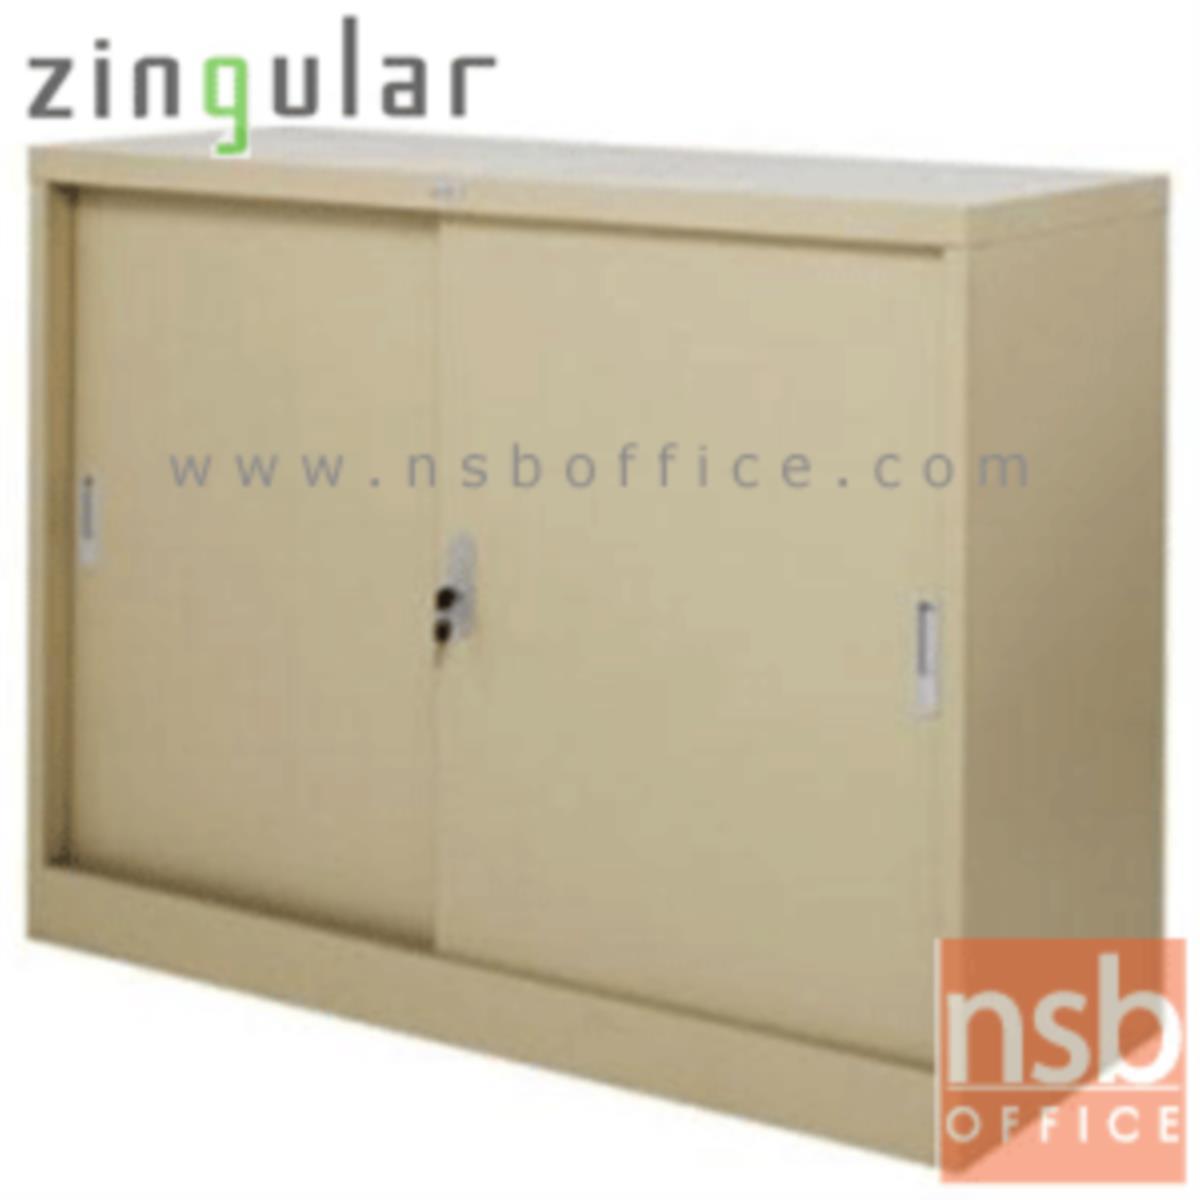 ตู้บานเลื่อนทึบสูง 90 ซม. (กว้าง 3 และ 4 ฟุต) รุ่น ZDO-313,ZDO-314,ZDO-315